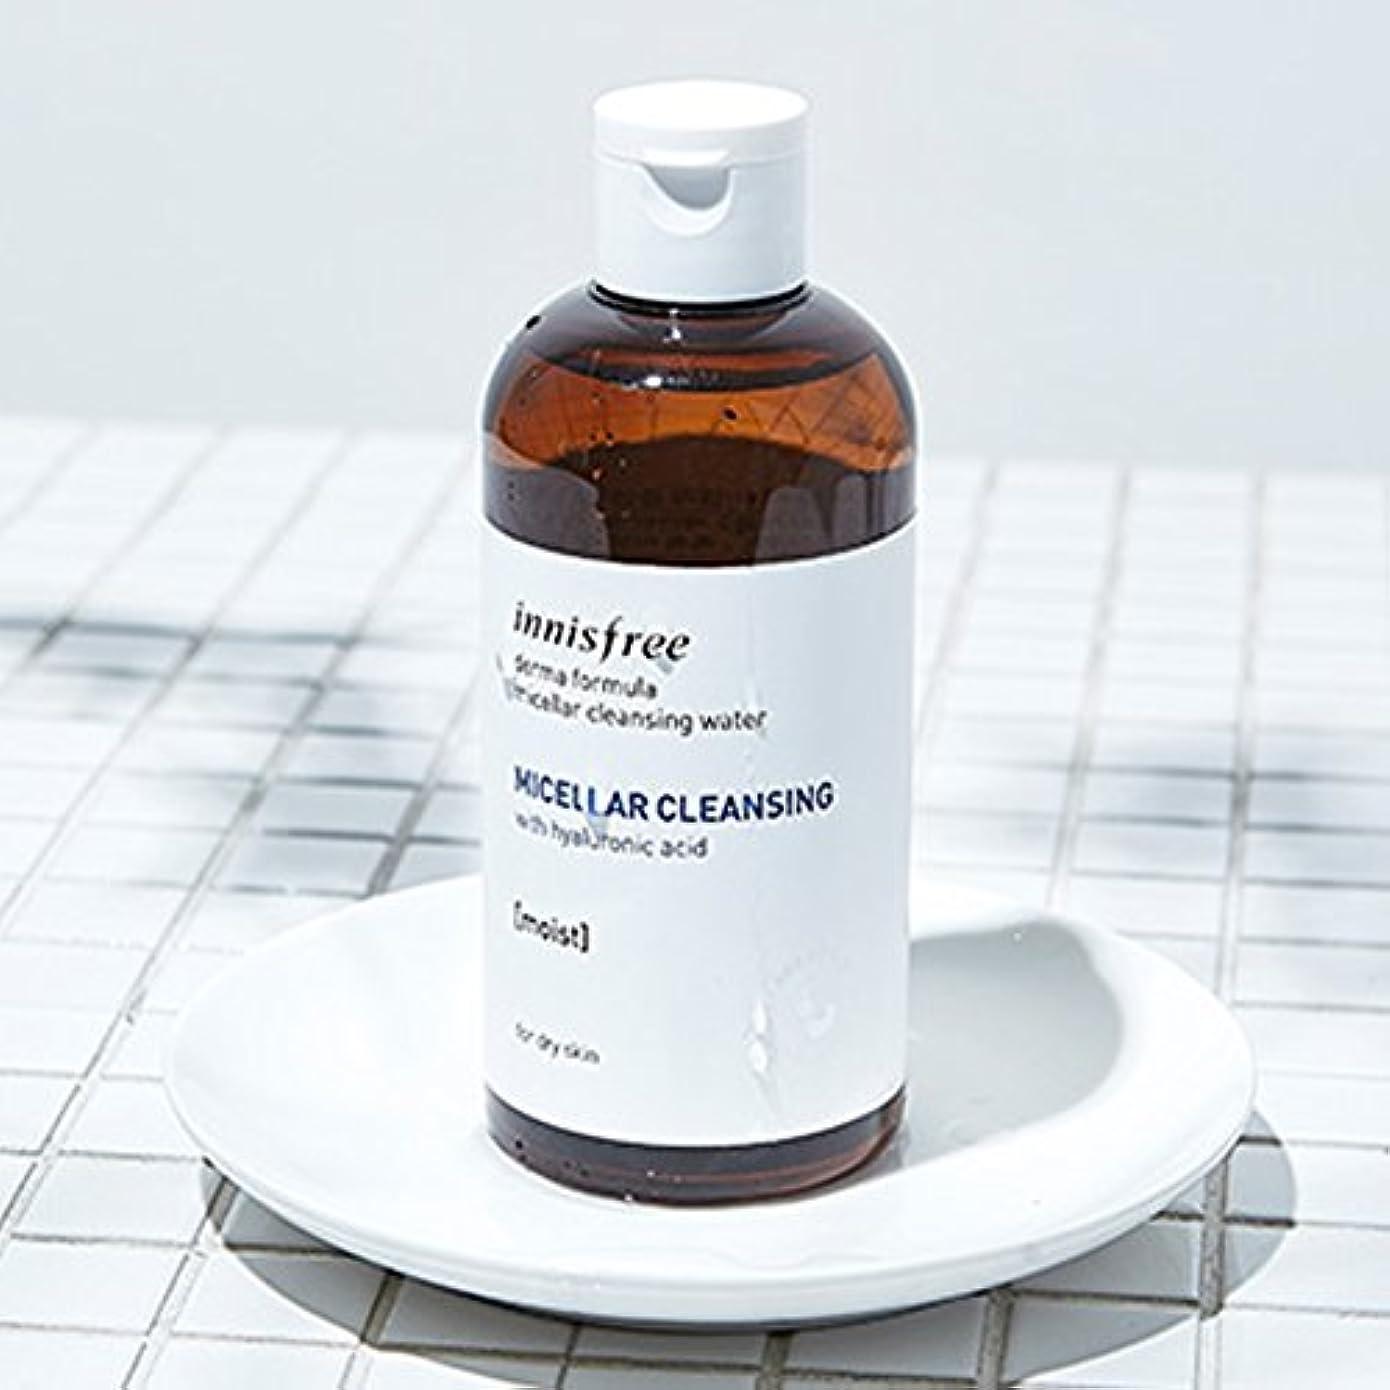 測定好きであるファセットイニスフリーダーマフォーミュラミセルクレンジングウォーター250ml Innisfree Derma Formula Micellar Cleansing Water 250ml [海外直送品][並行輸入品] (#1....